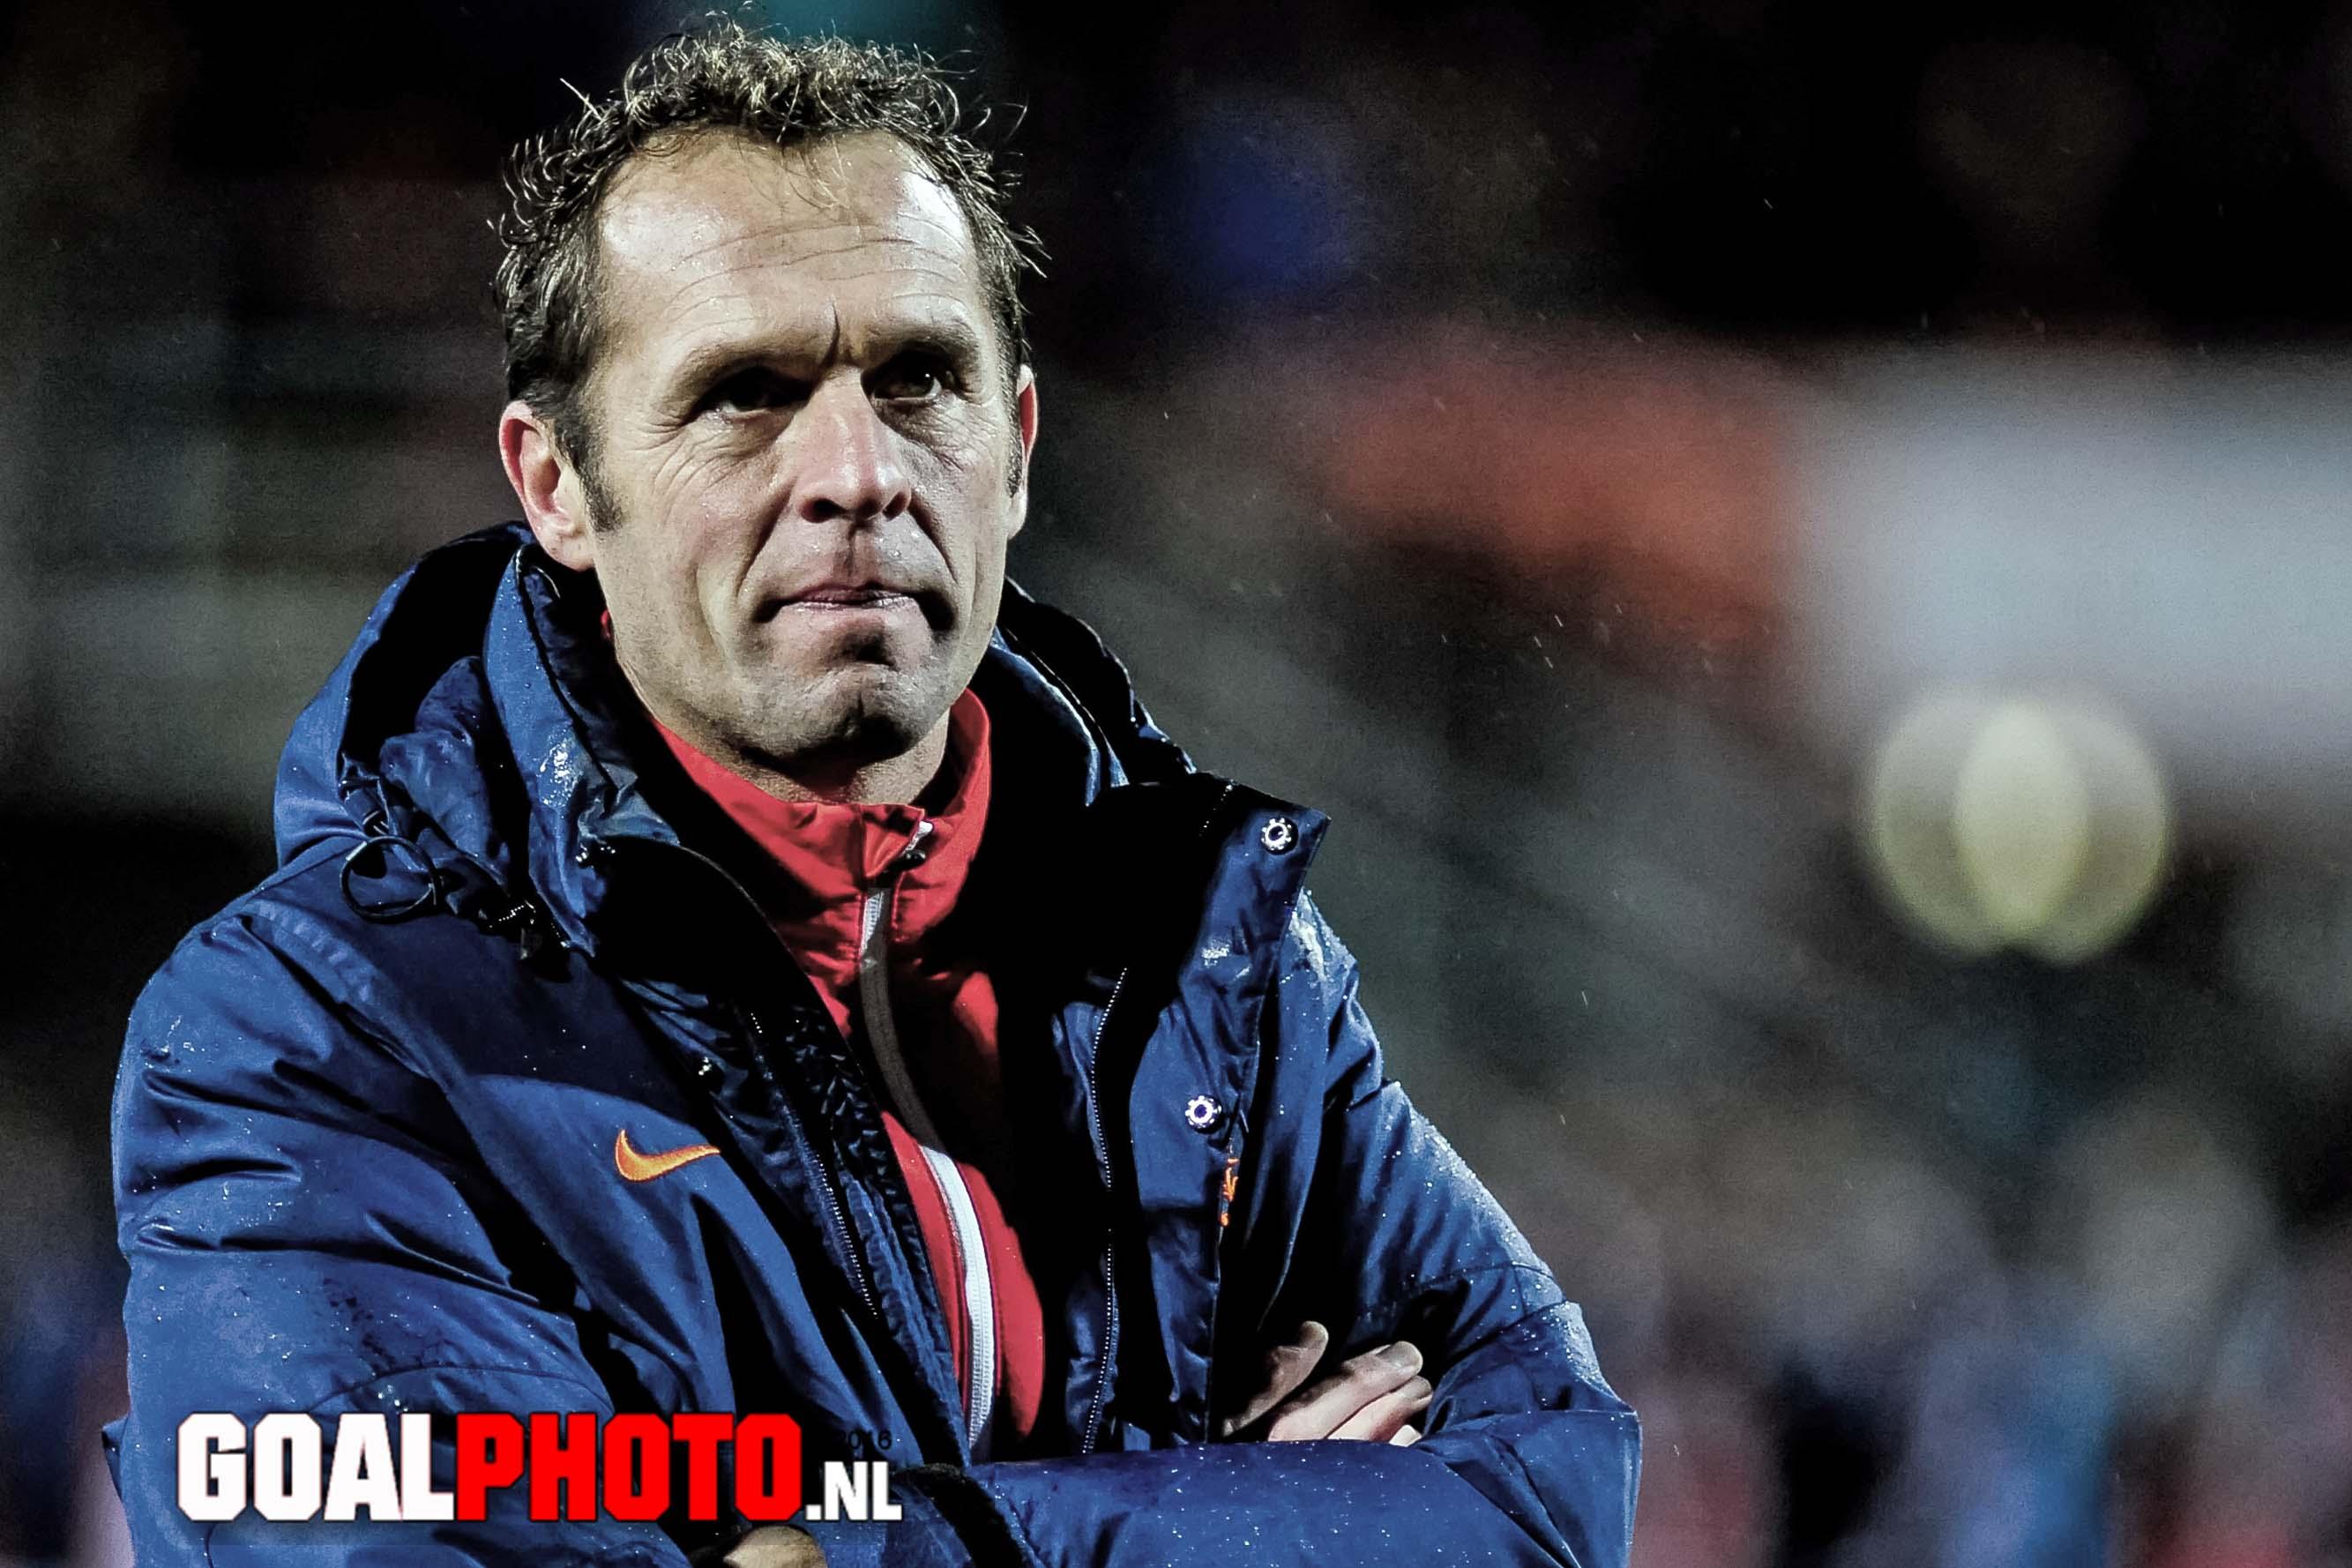 Van der Laan selecteert 23 speelsters voor Olympisch kwalificatietoernooi